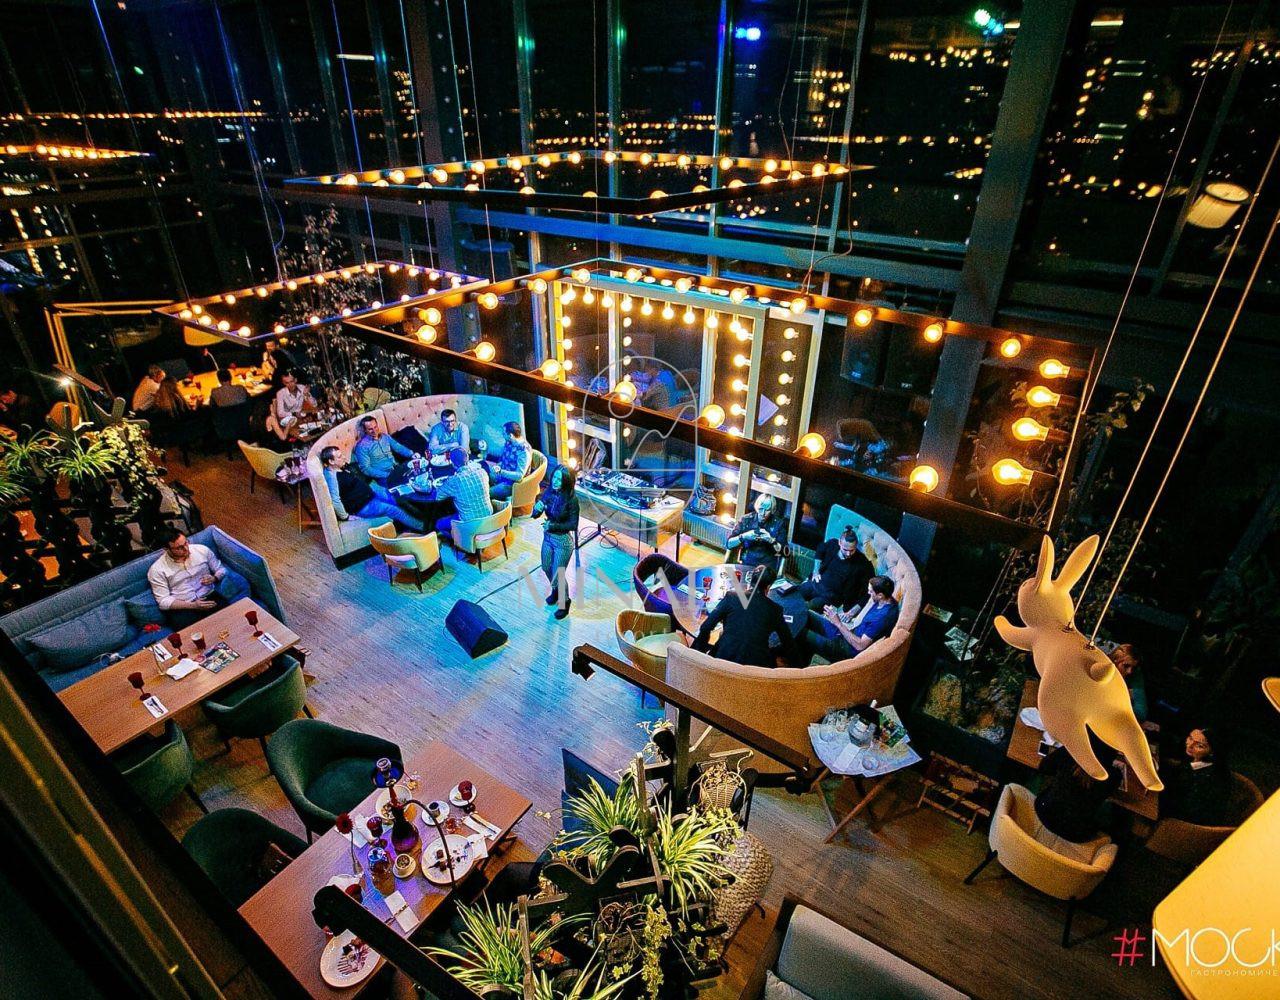 Гастрономический панорамный ресторан «#Москва», г. Воронеж. 2016г.